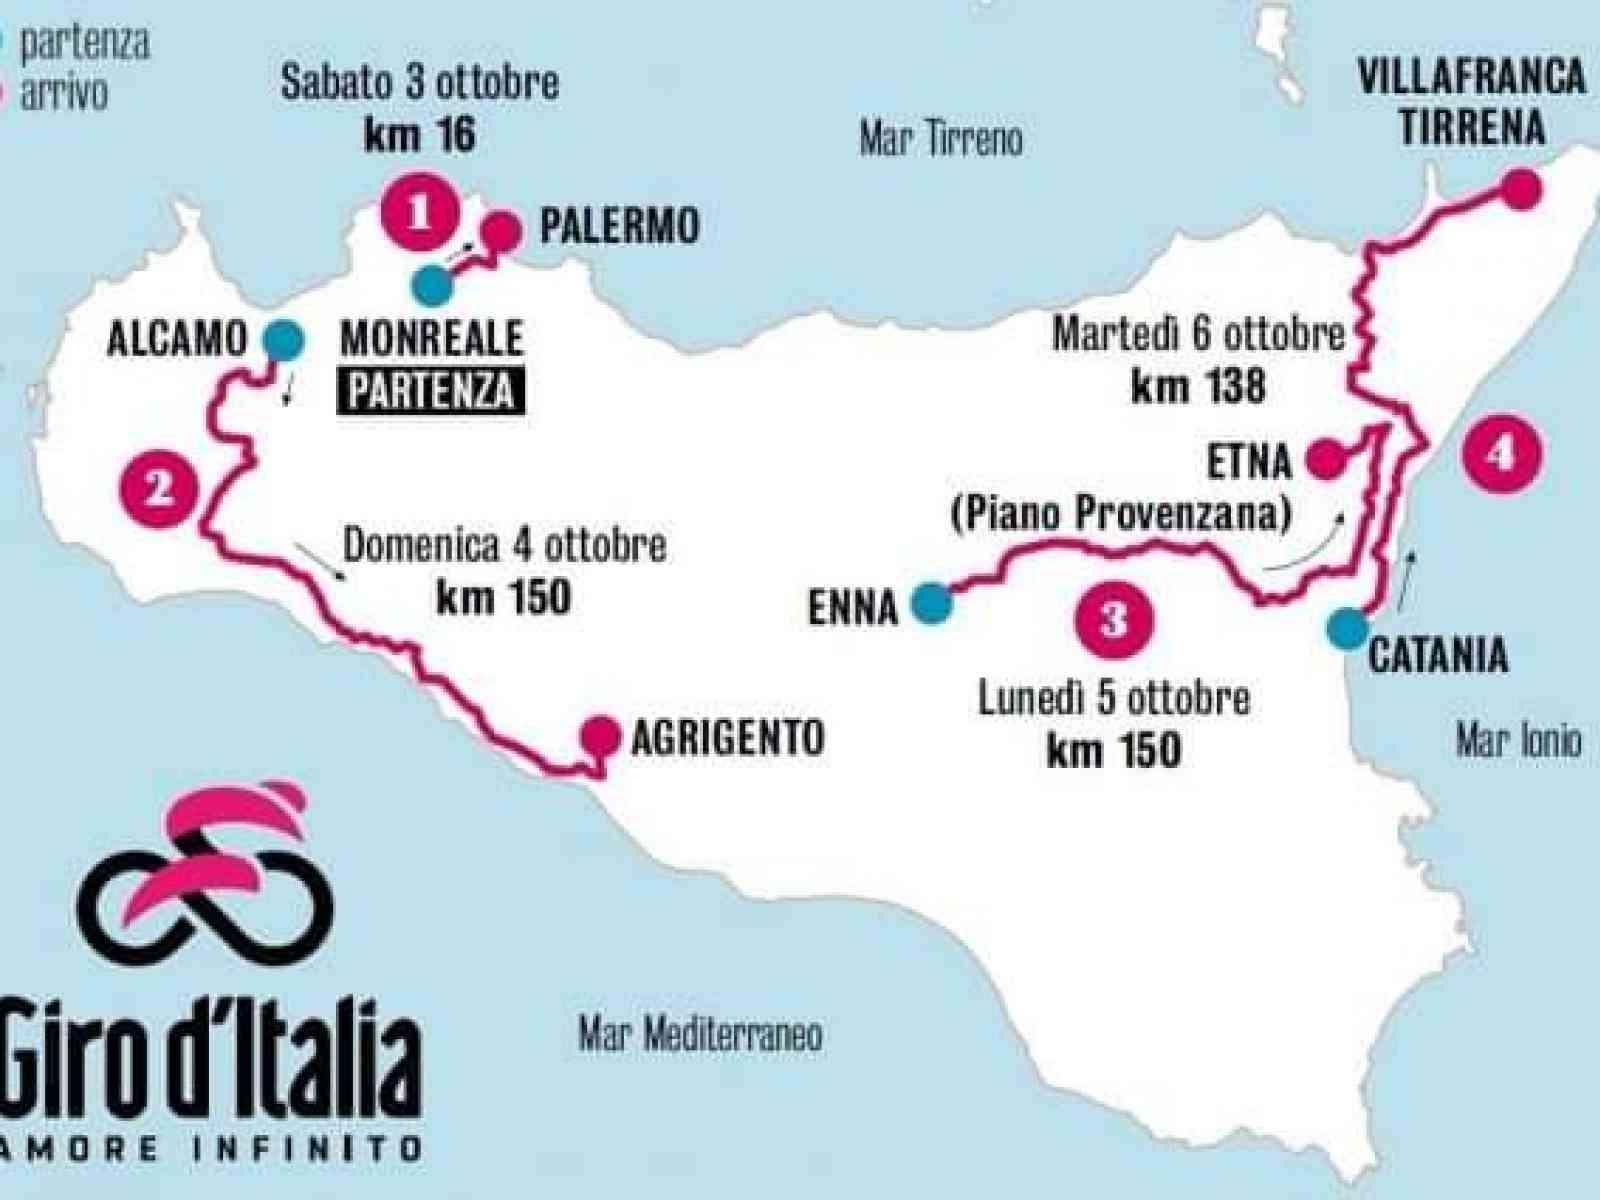 Immagine articolo: Giro d'Italia, nuovo asfalto e segnaletica sulla statale 115. Ecco la data prevista